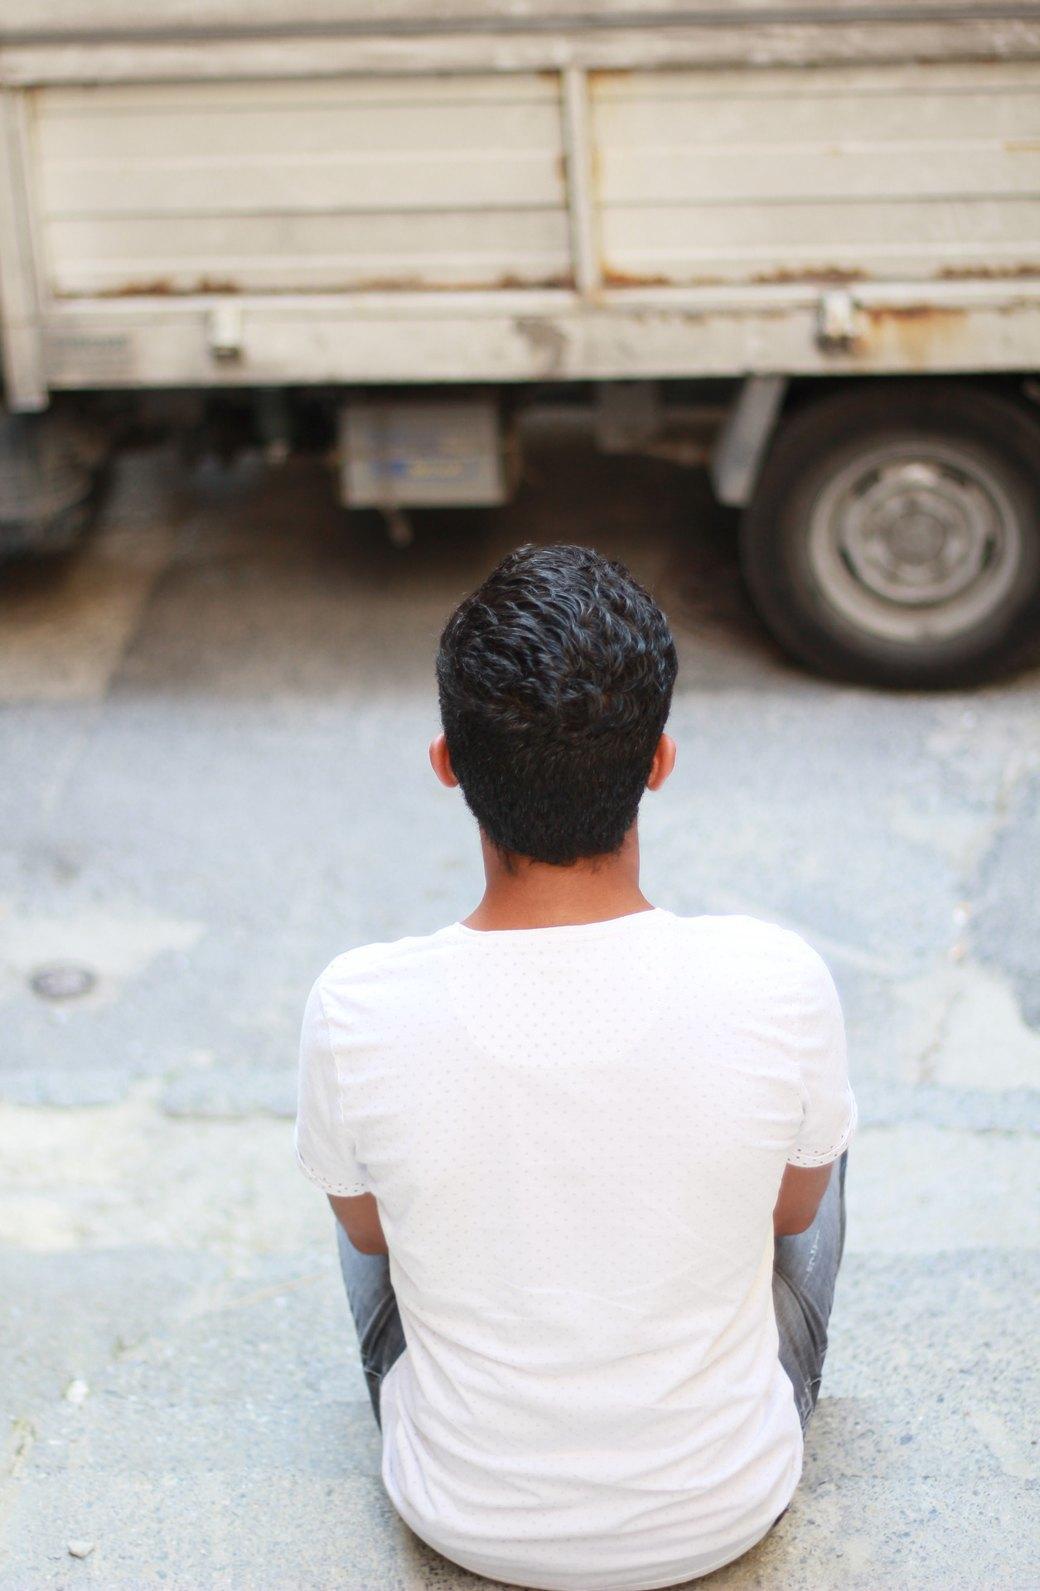 «Это между мной и Аллахом»: Портреты квир-мусульман. Изображение № 9.